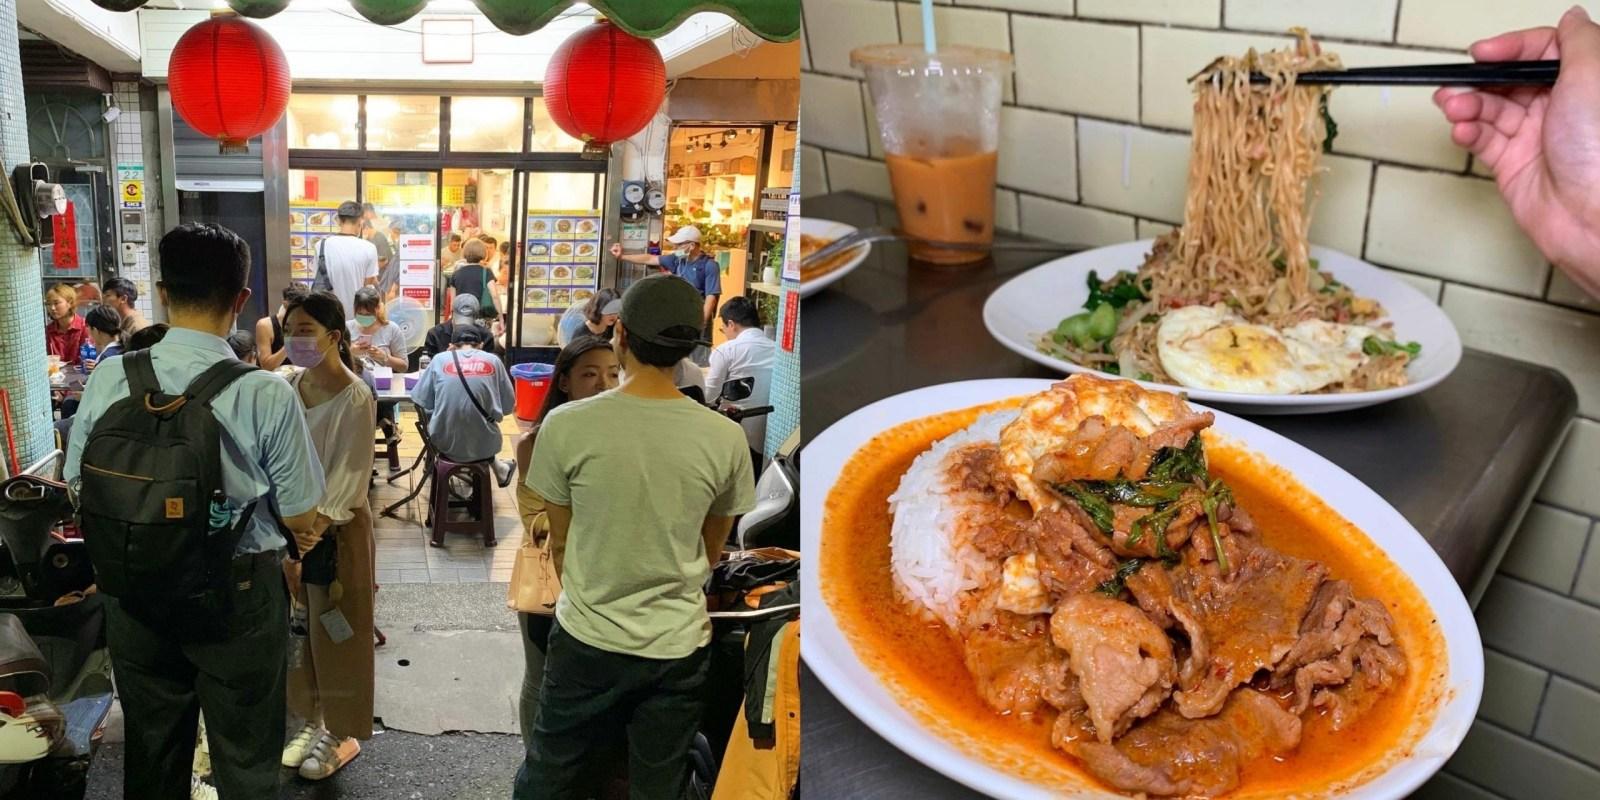 [台北美食] Kanokwan老麵攤 - 台北人氣最高的泰式小吃就是這裡了!